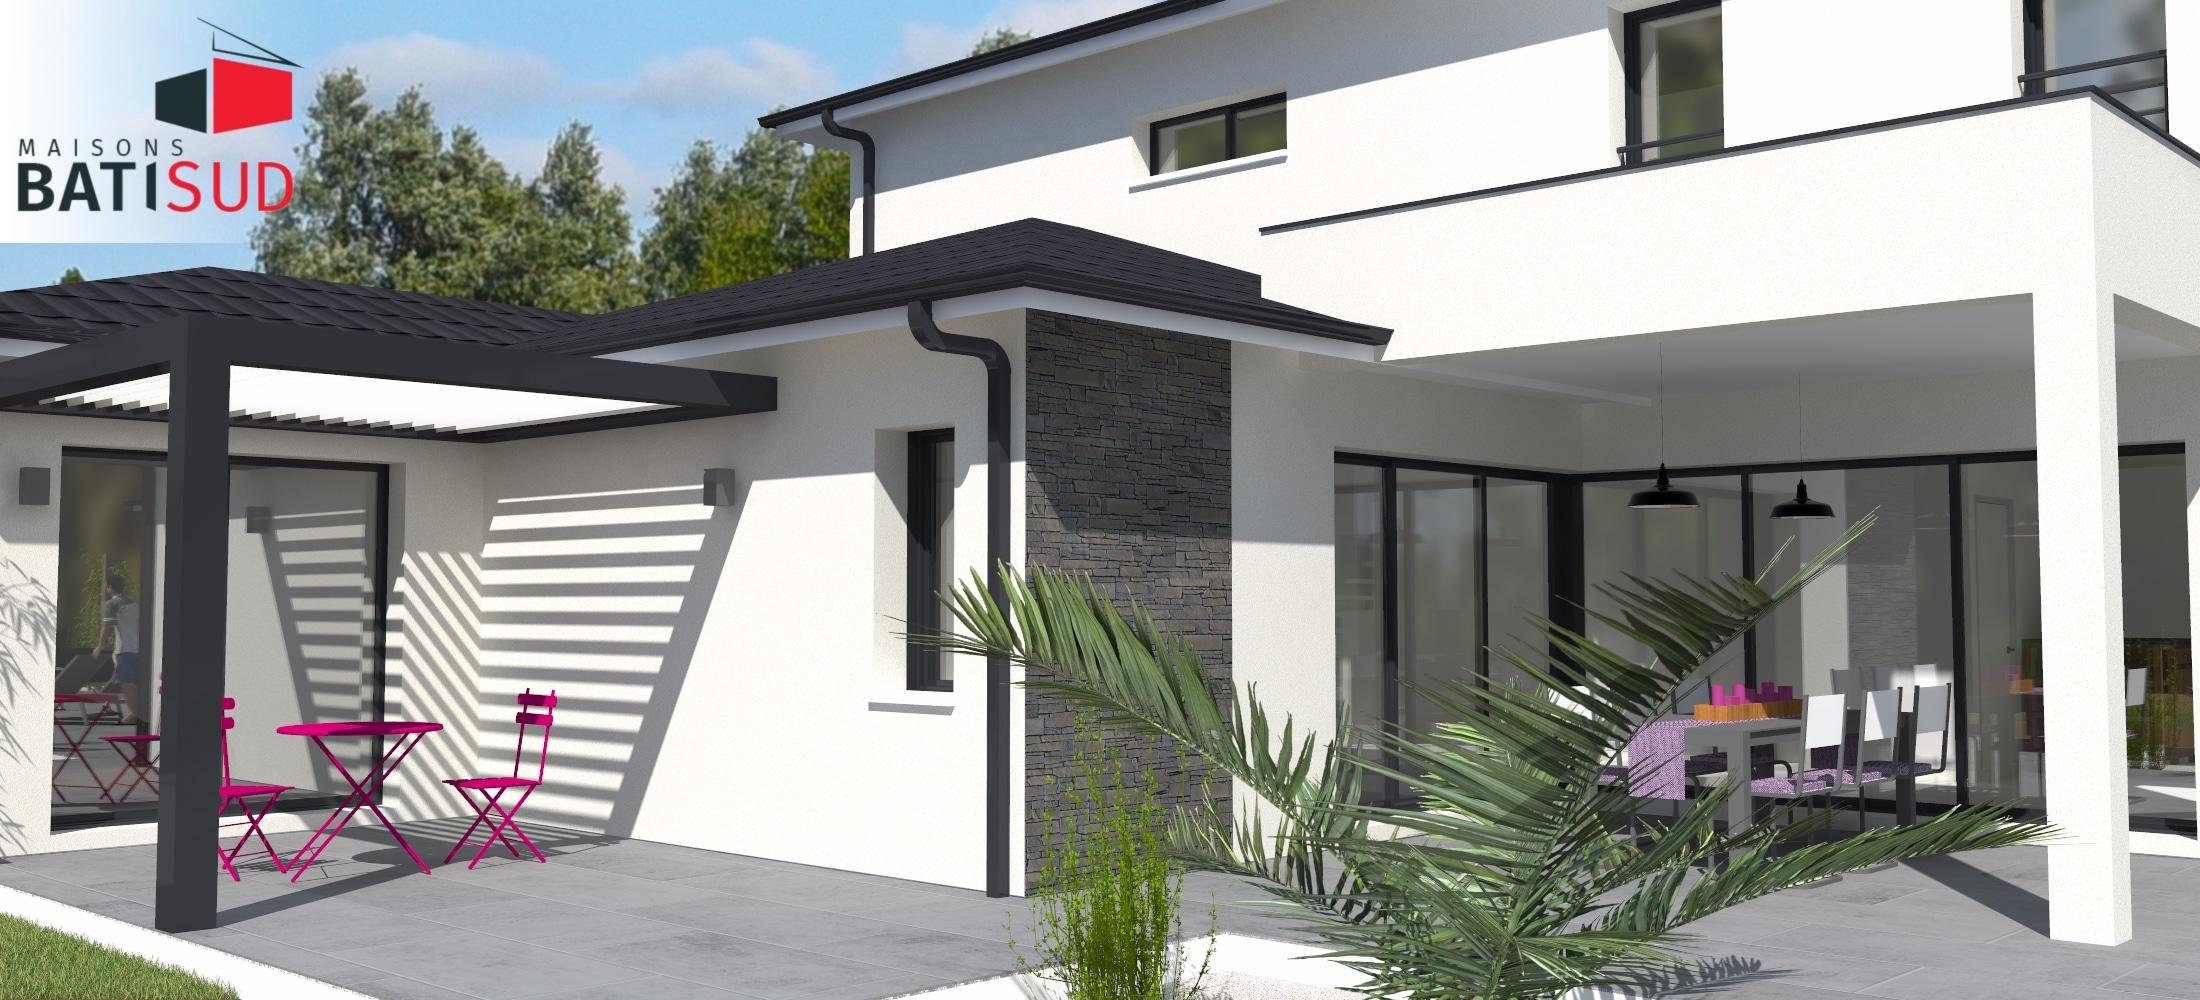 Maisons Bati Sud : Maison avec étage de 215m² à Pessac - 2